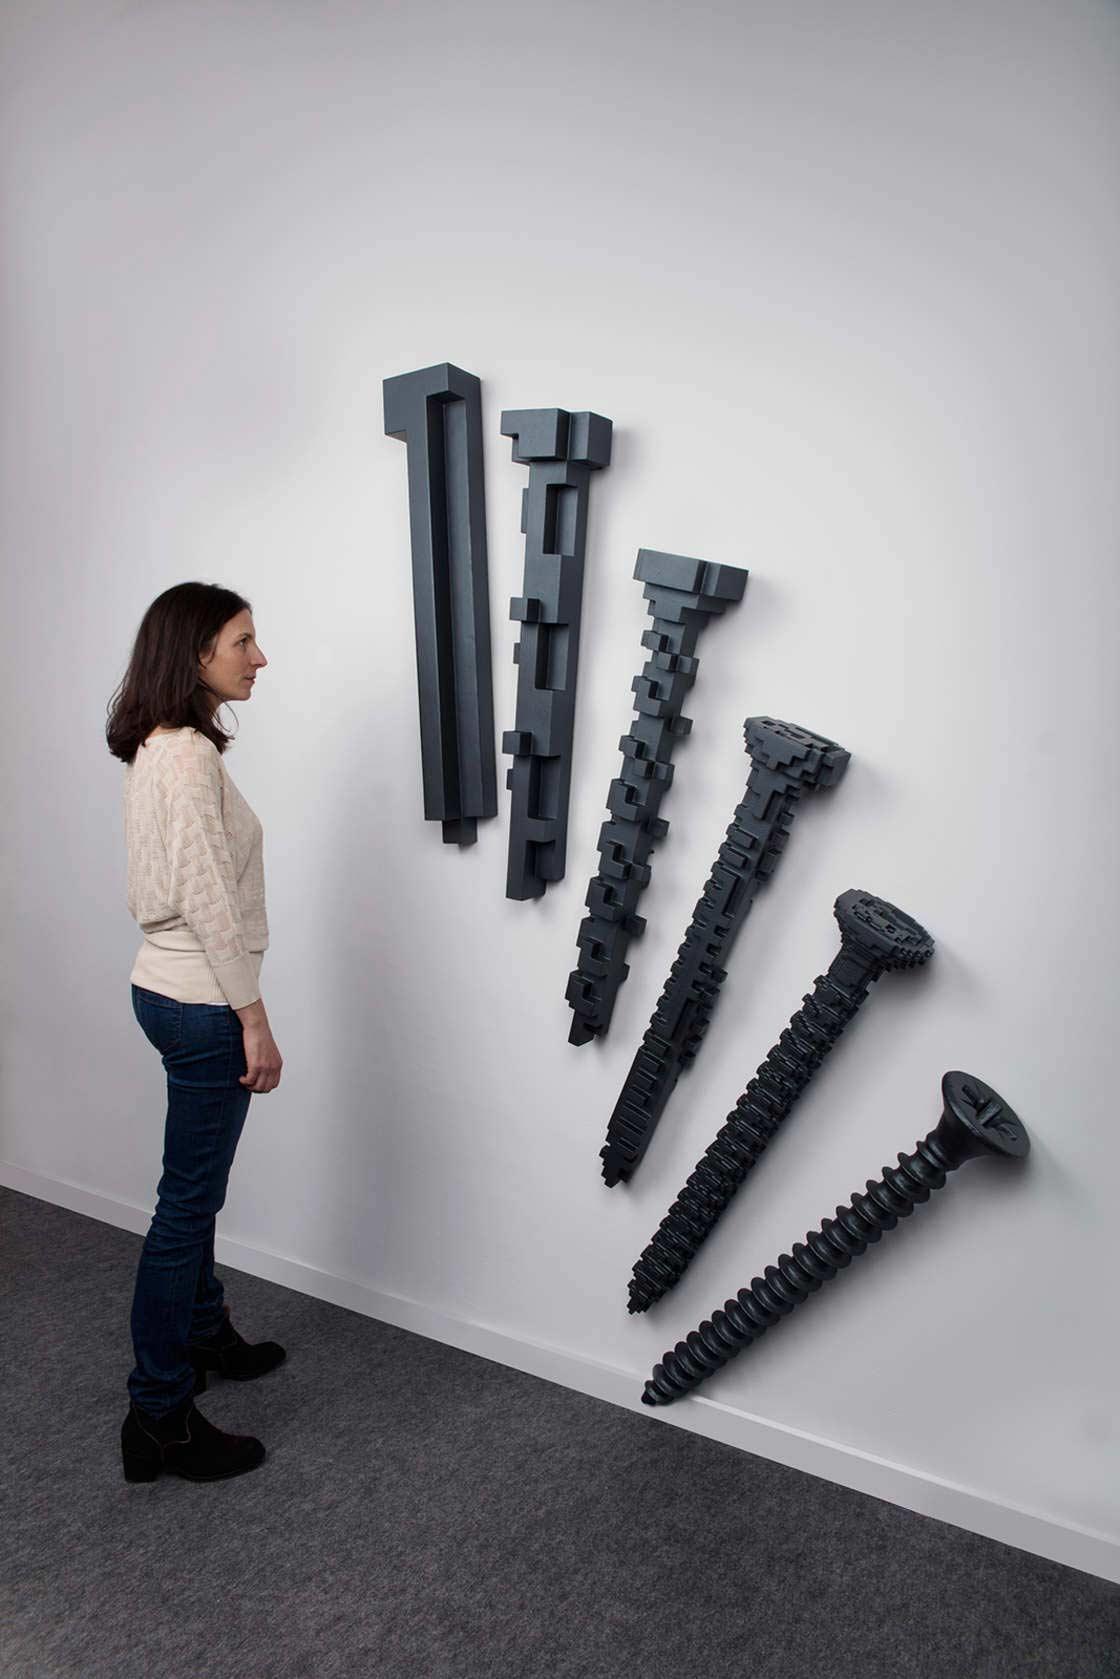 Verpixelnde Skulpturen HI-RES_Romulo-Celdran_02